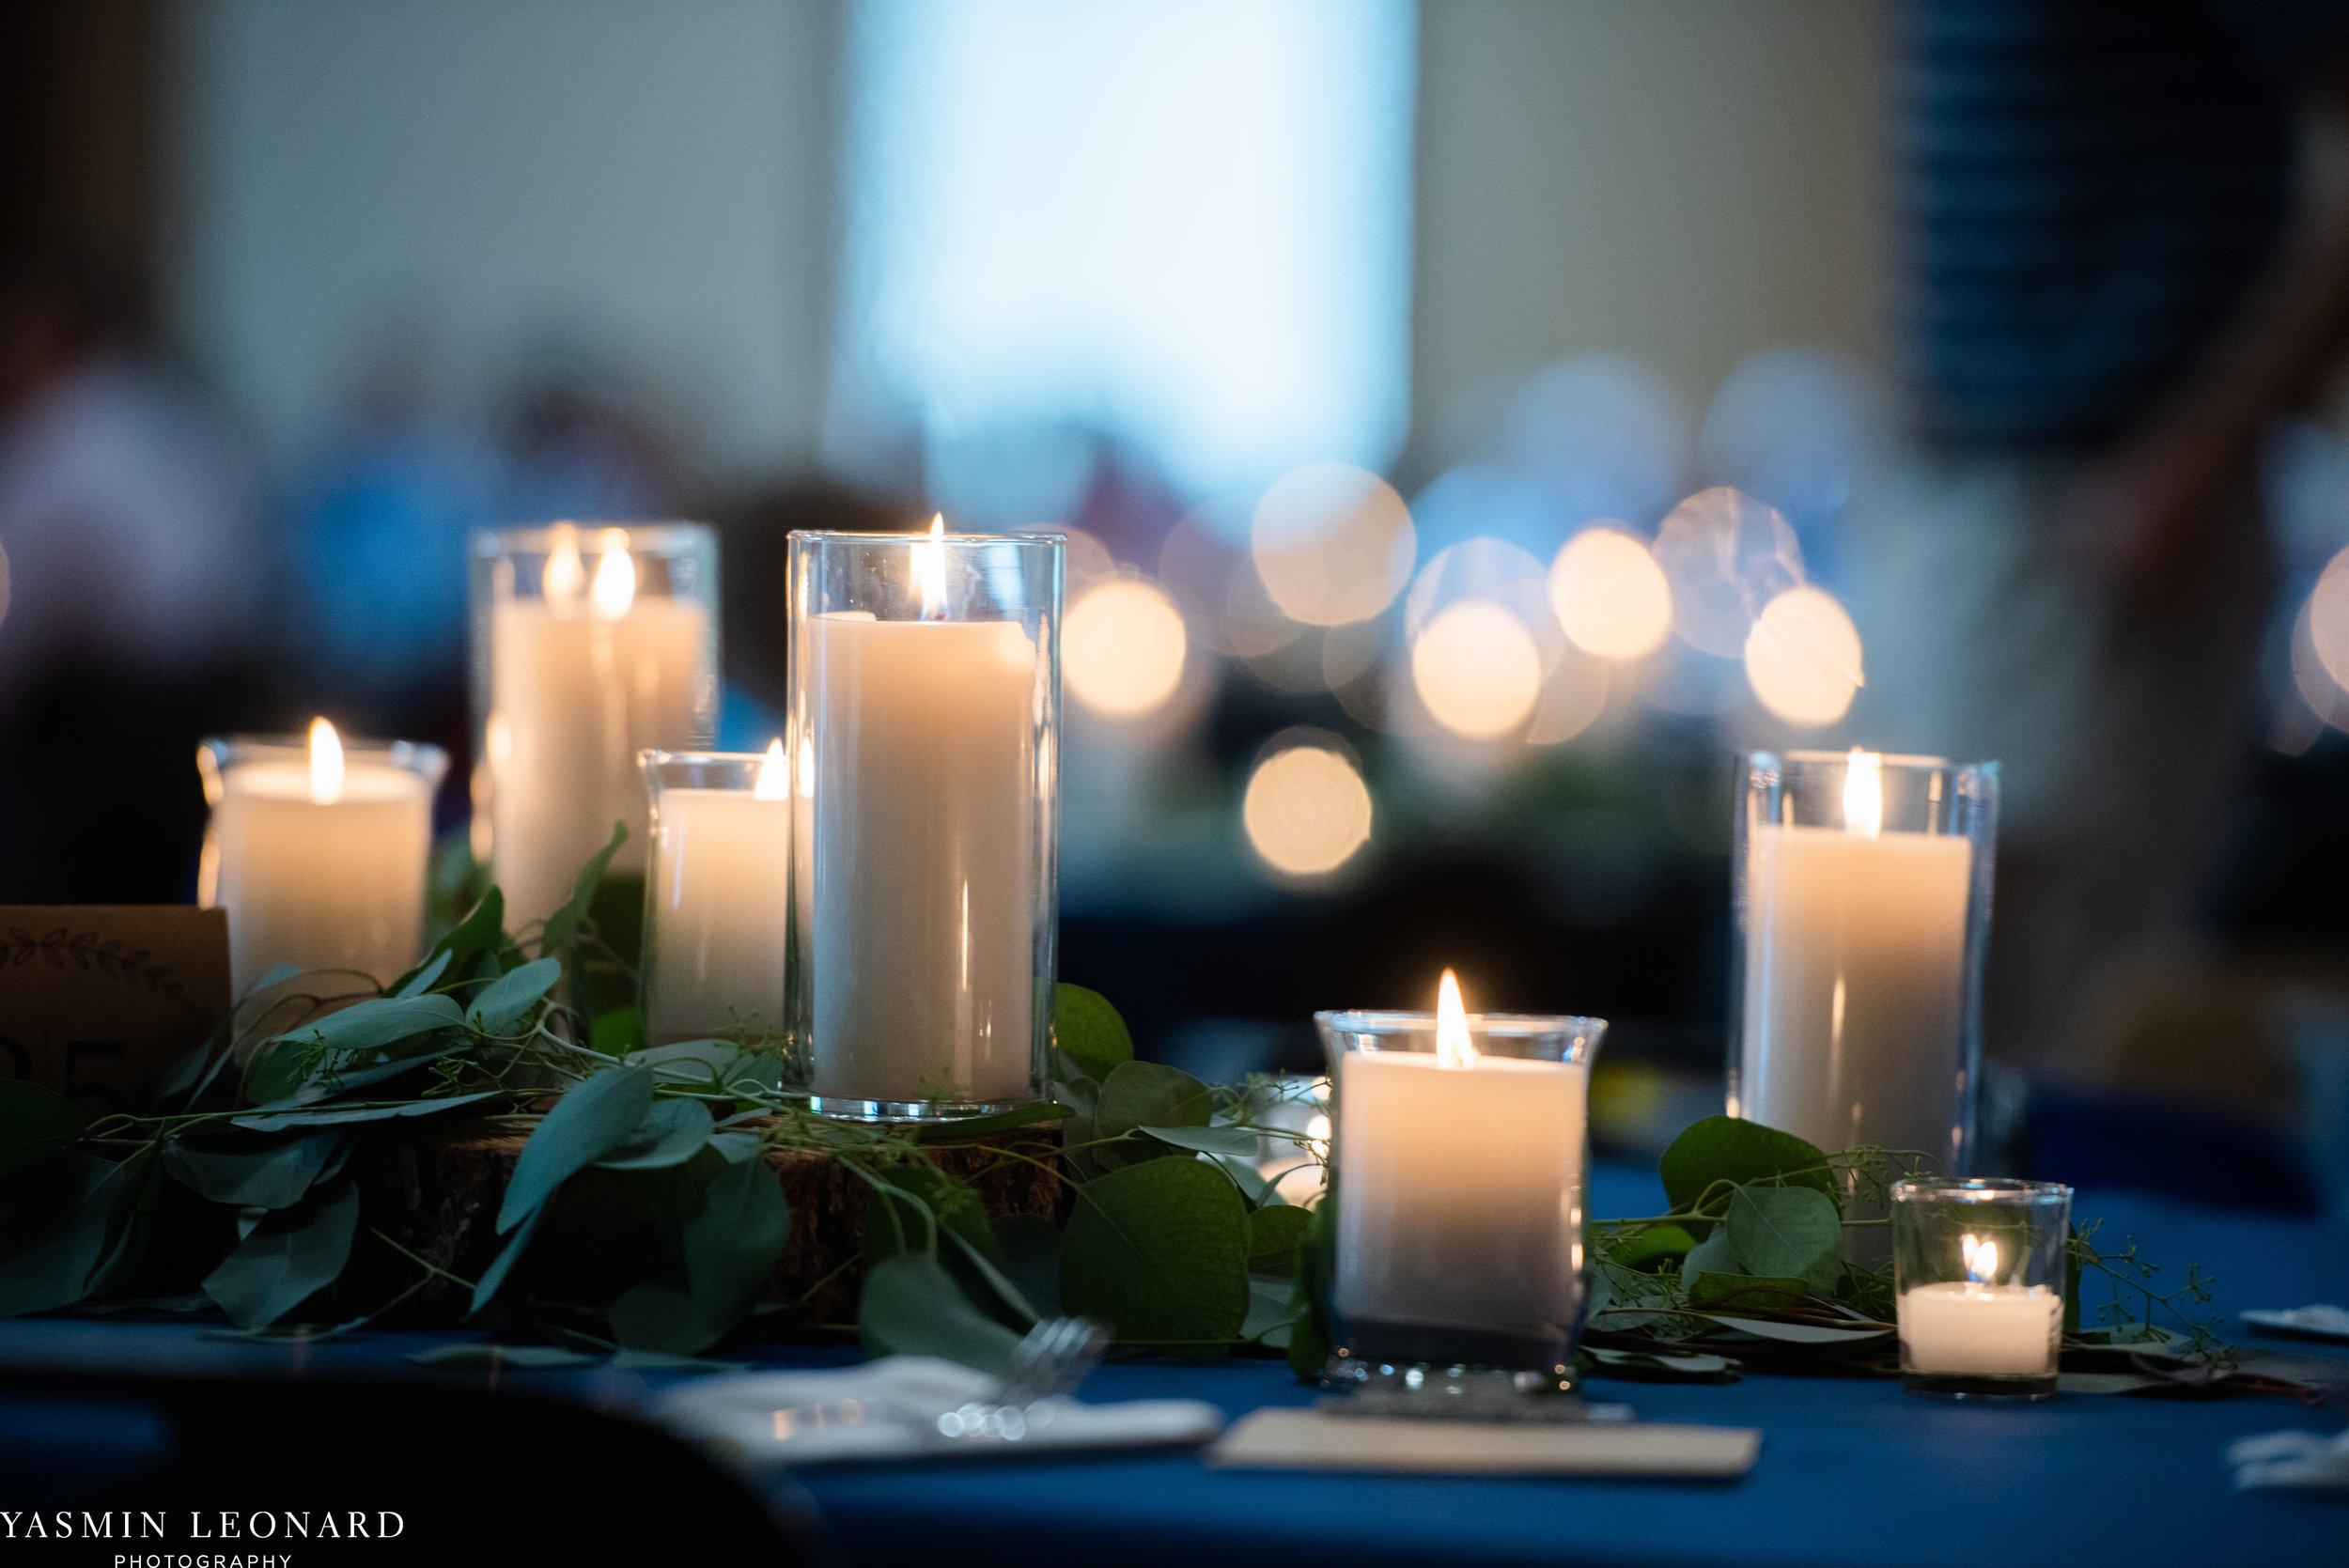 Mt. Pleasant Church - Church Wedding - Traditional Wedding - Church Ceremony - Country Wedding - Godly Wedding - NC Wedding Photographer - High Point Weddings - Triad Weddings - NC Venues-45.jpg